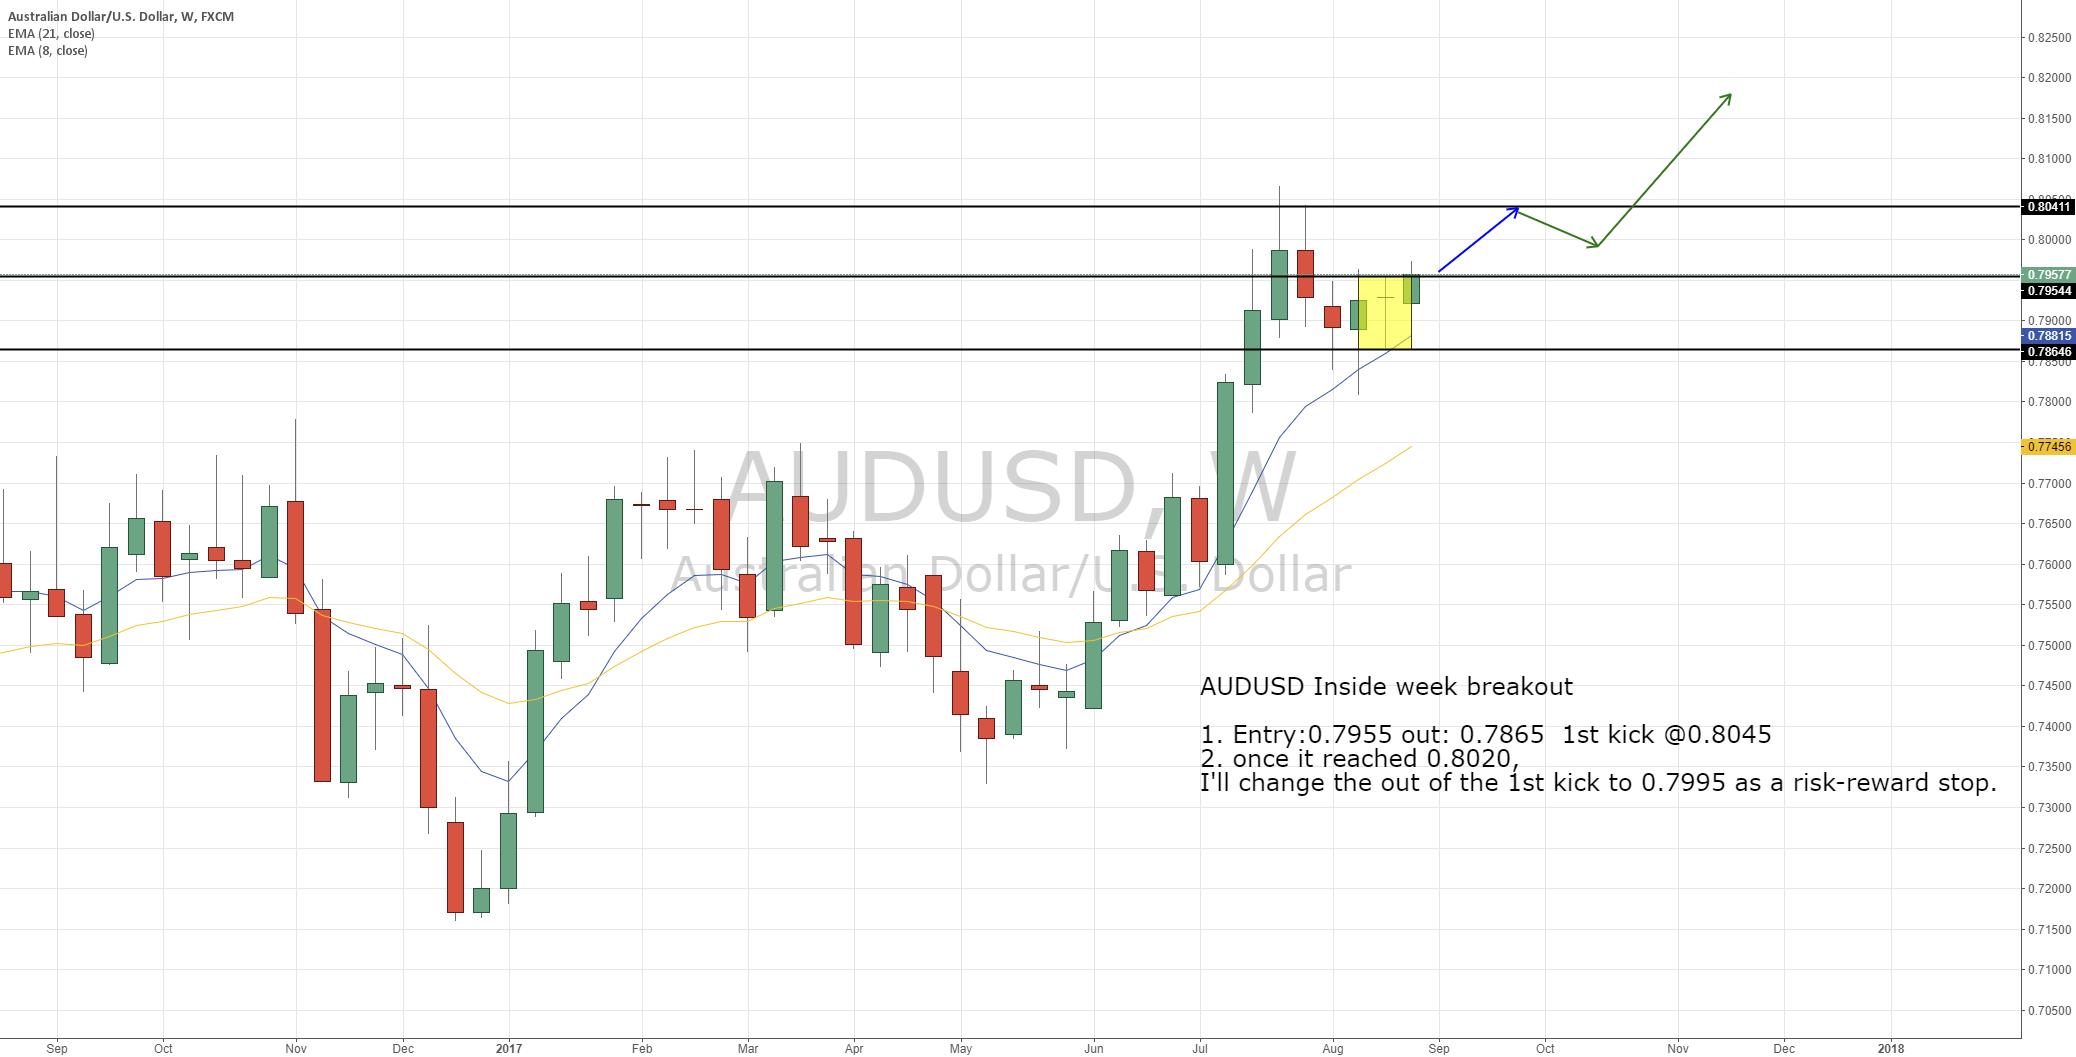 AUDUSD Inside week breakout trade